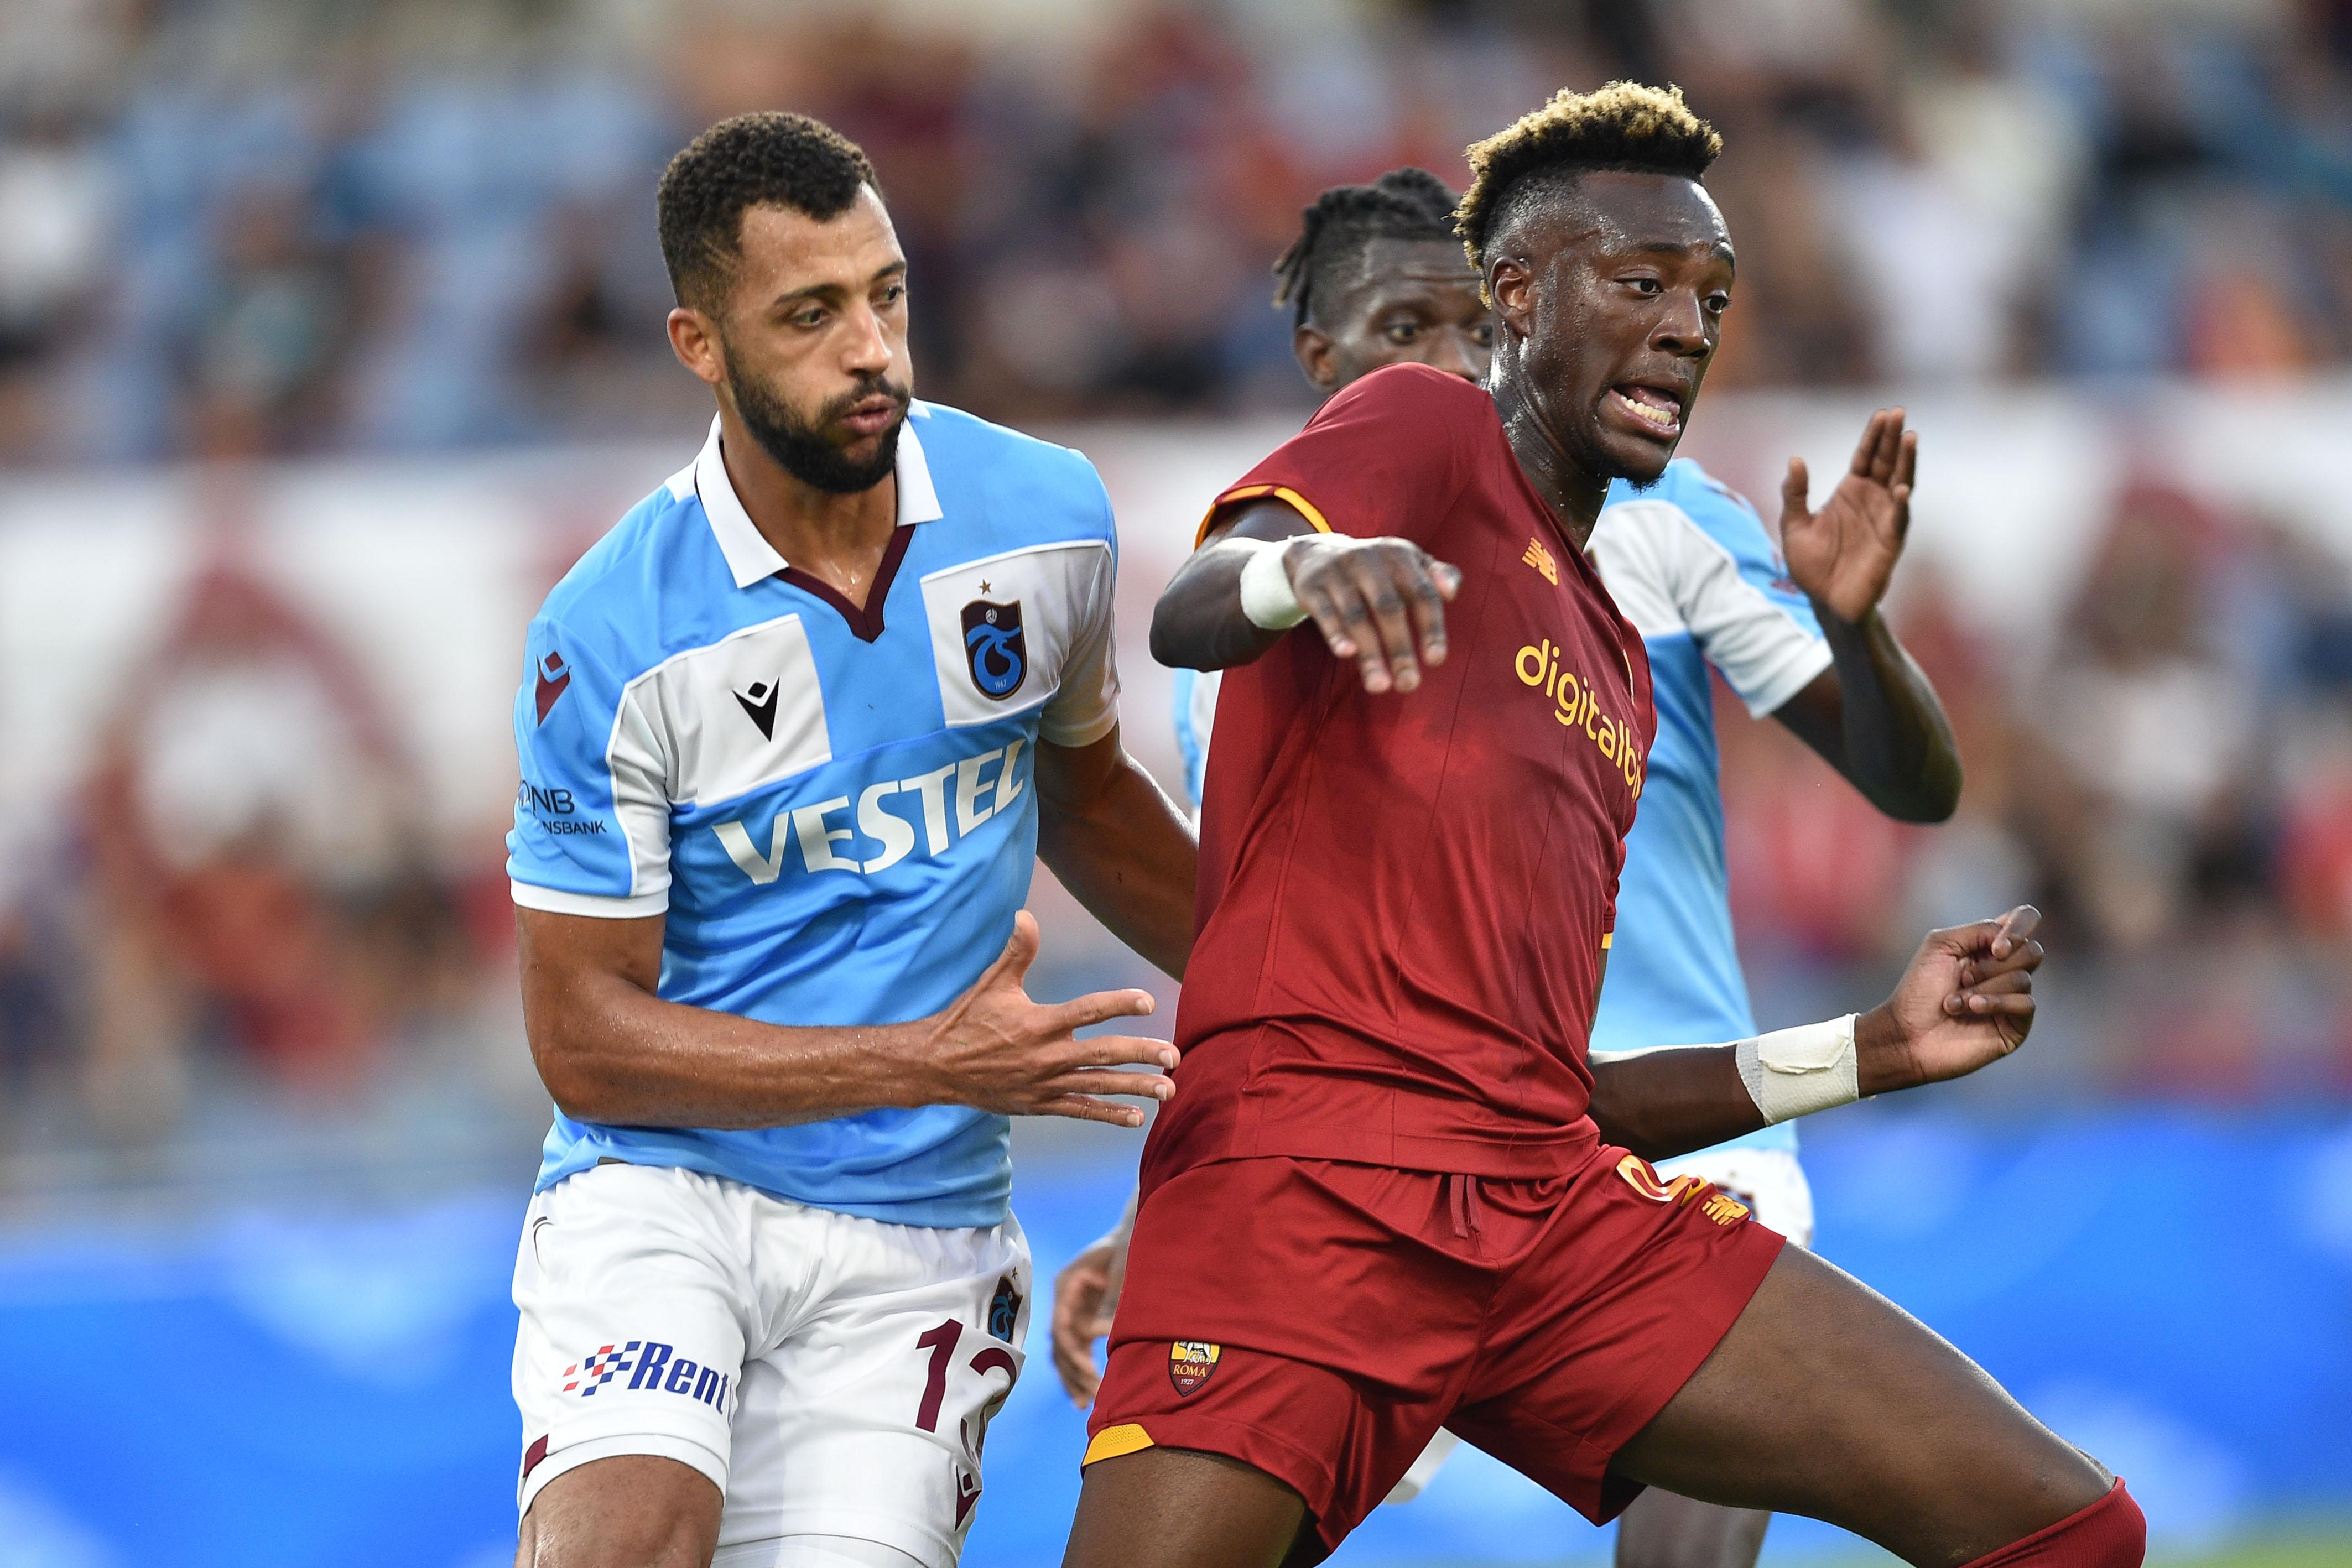 <p>Temsilcimiz Trabzonspor Cristante, Zaniolo ve El Shaarawy'nin gollerine engel olamadı.<br></p>